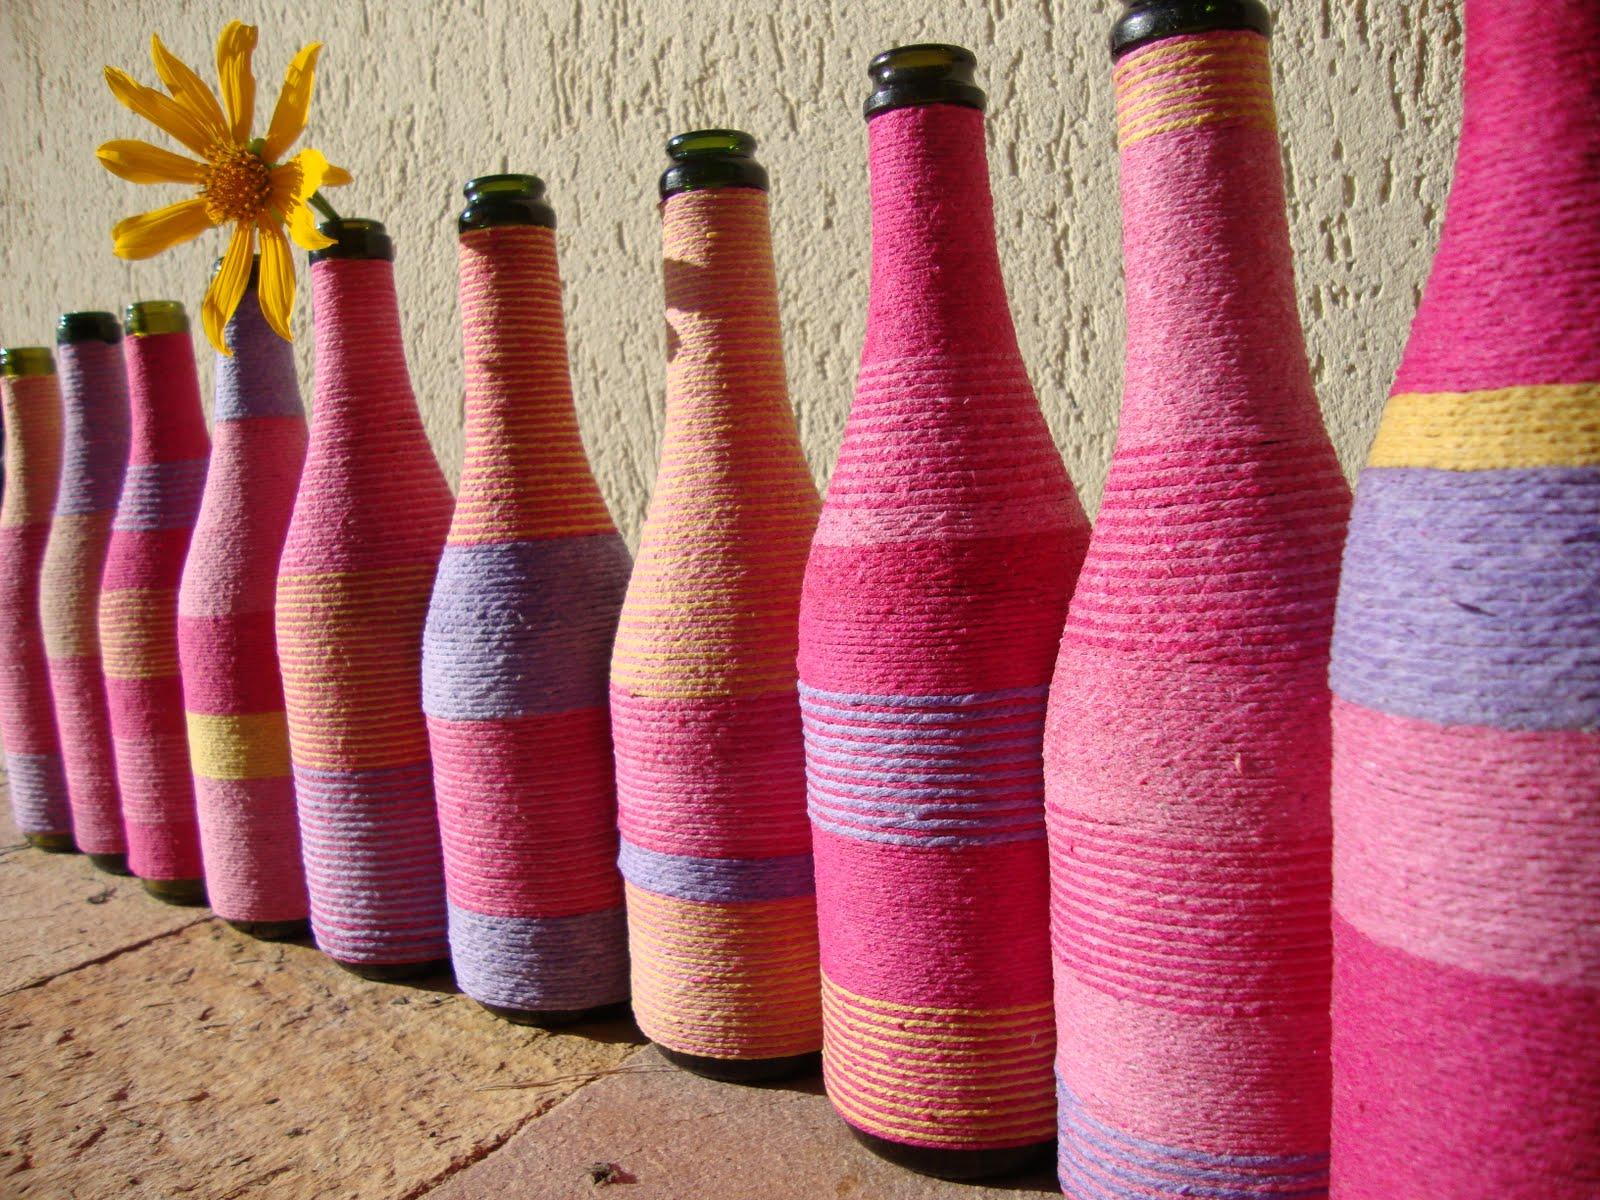 garrafas decoradas Minuto Criança -> Decorar Garrafas De Vidro Com Barbante